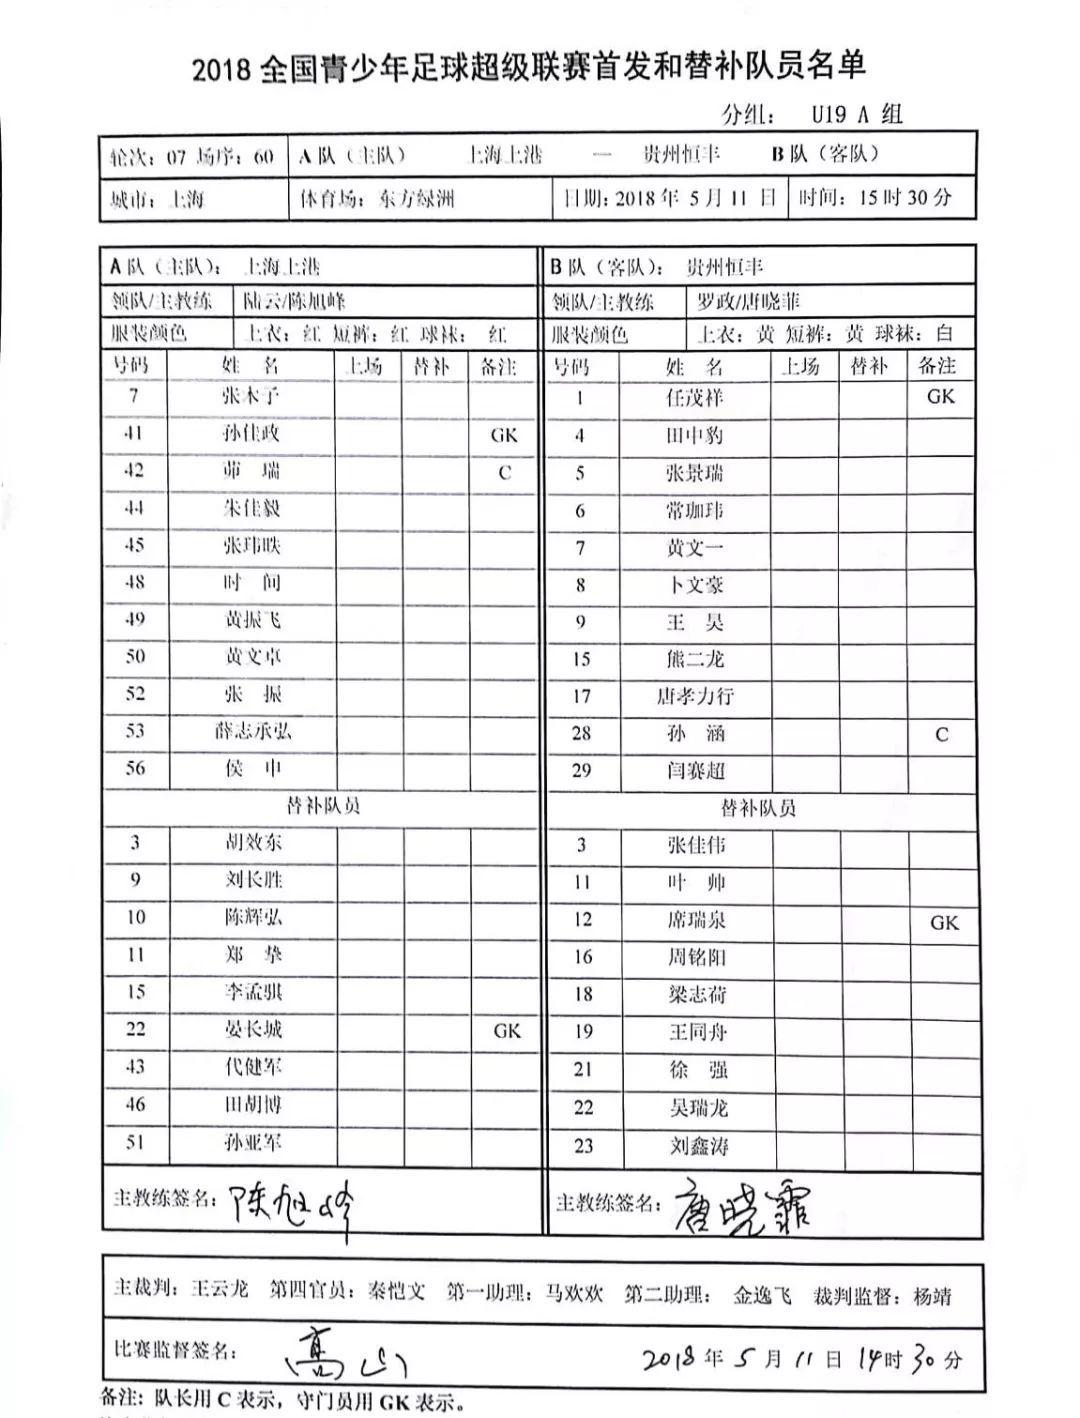 上海申鑫主场在哪里_U19青超联赛|新疆雪豹纳欢遭遇首败,重庆斯威逼平广州富力!